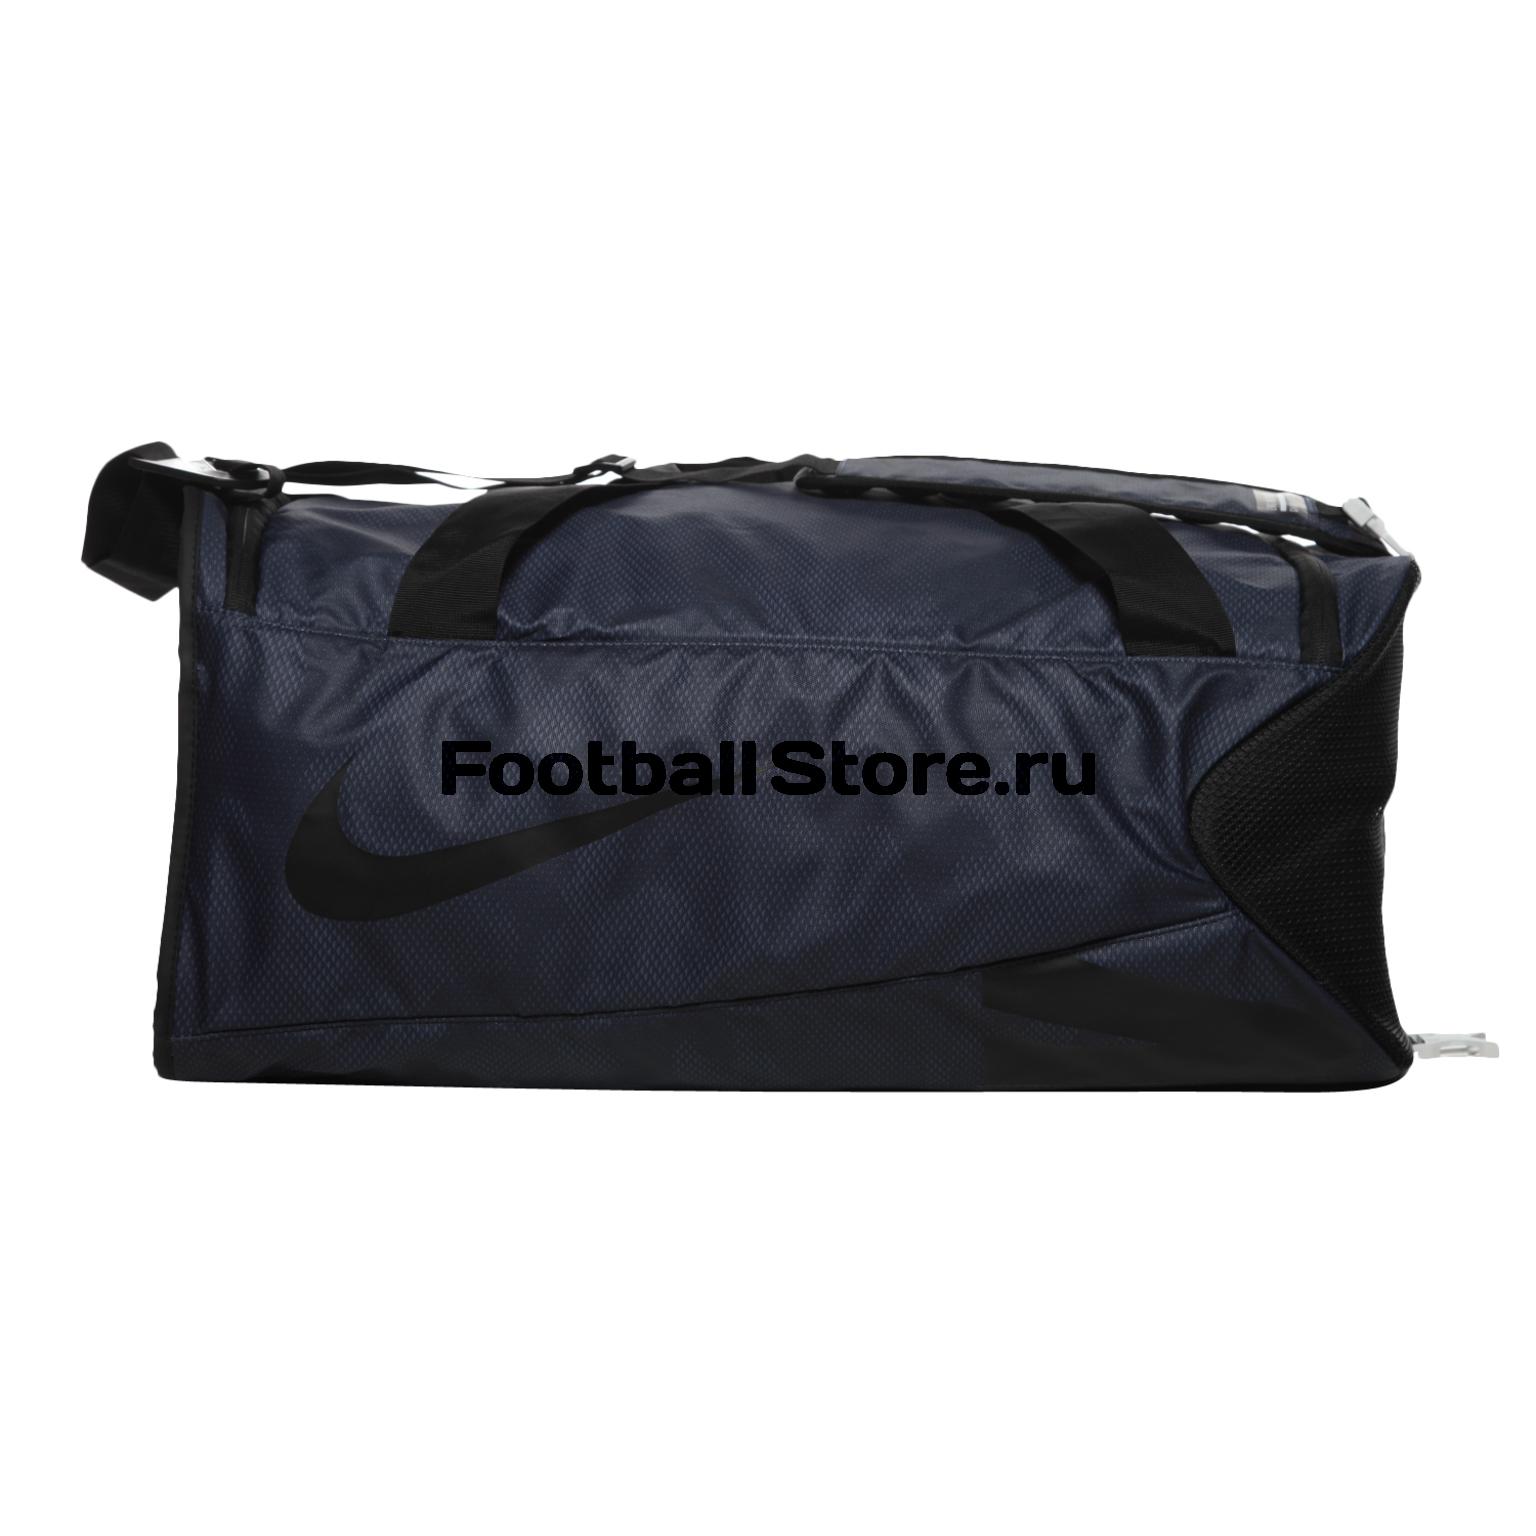 Сумки/Рюкзаки Nike Сумка Nike Alpha M Duffel Bag BA5179-471 сумки рюкзаки alpha cумка alpha keepers players action 9101